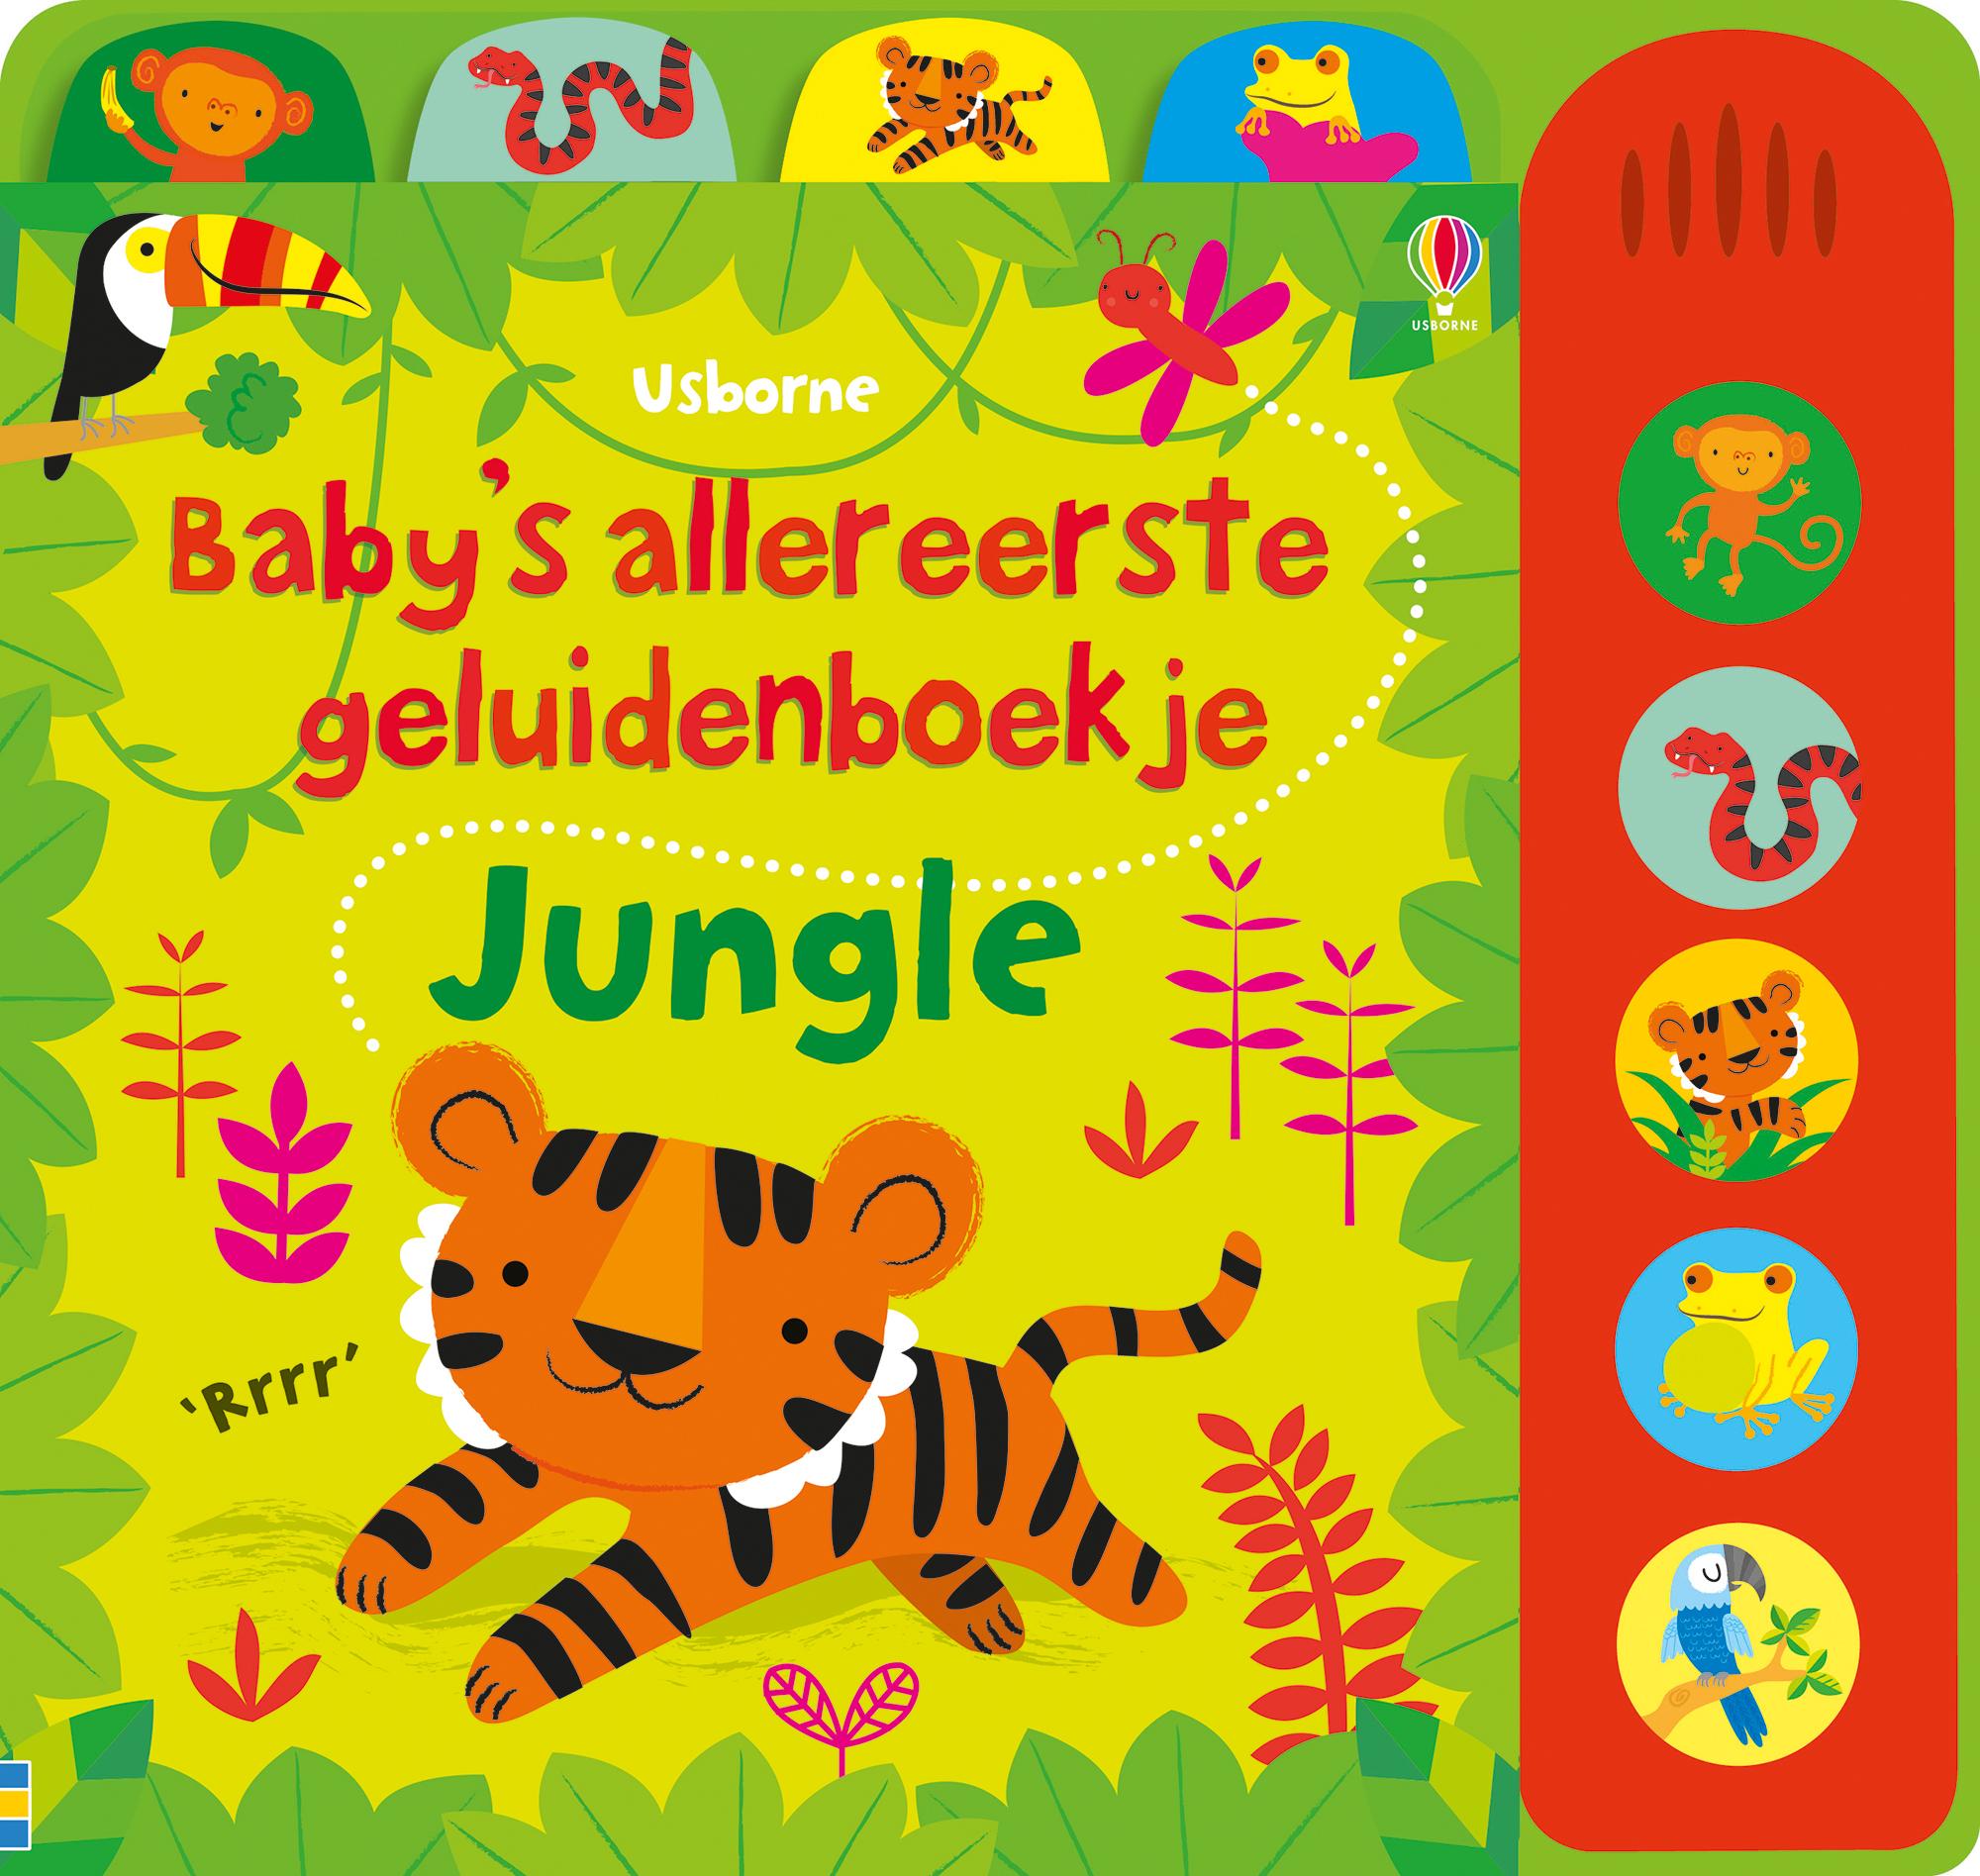 Baby's allereerste geluidenboekje Jungle